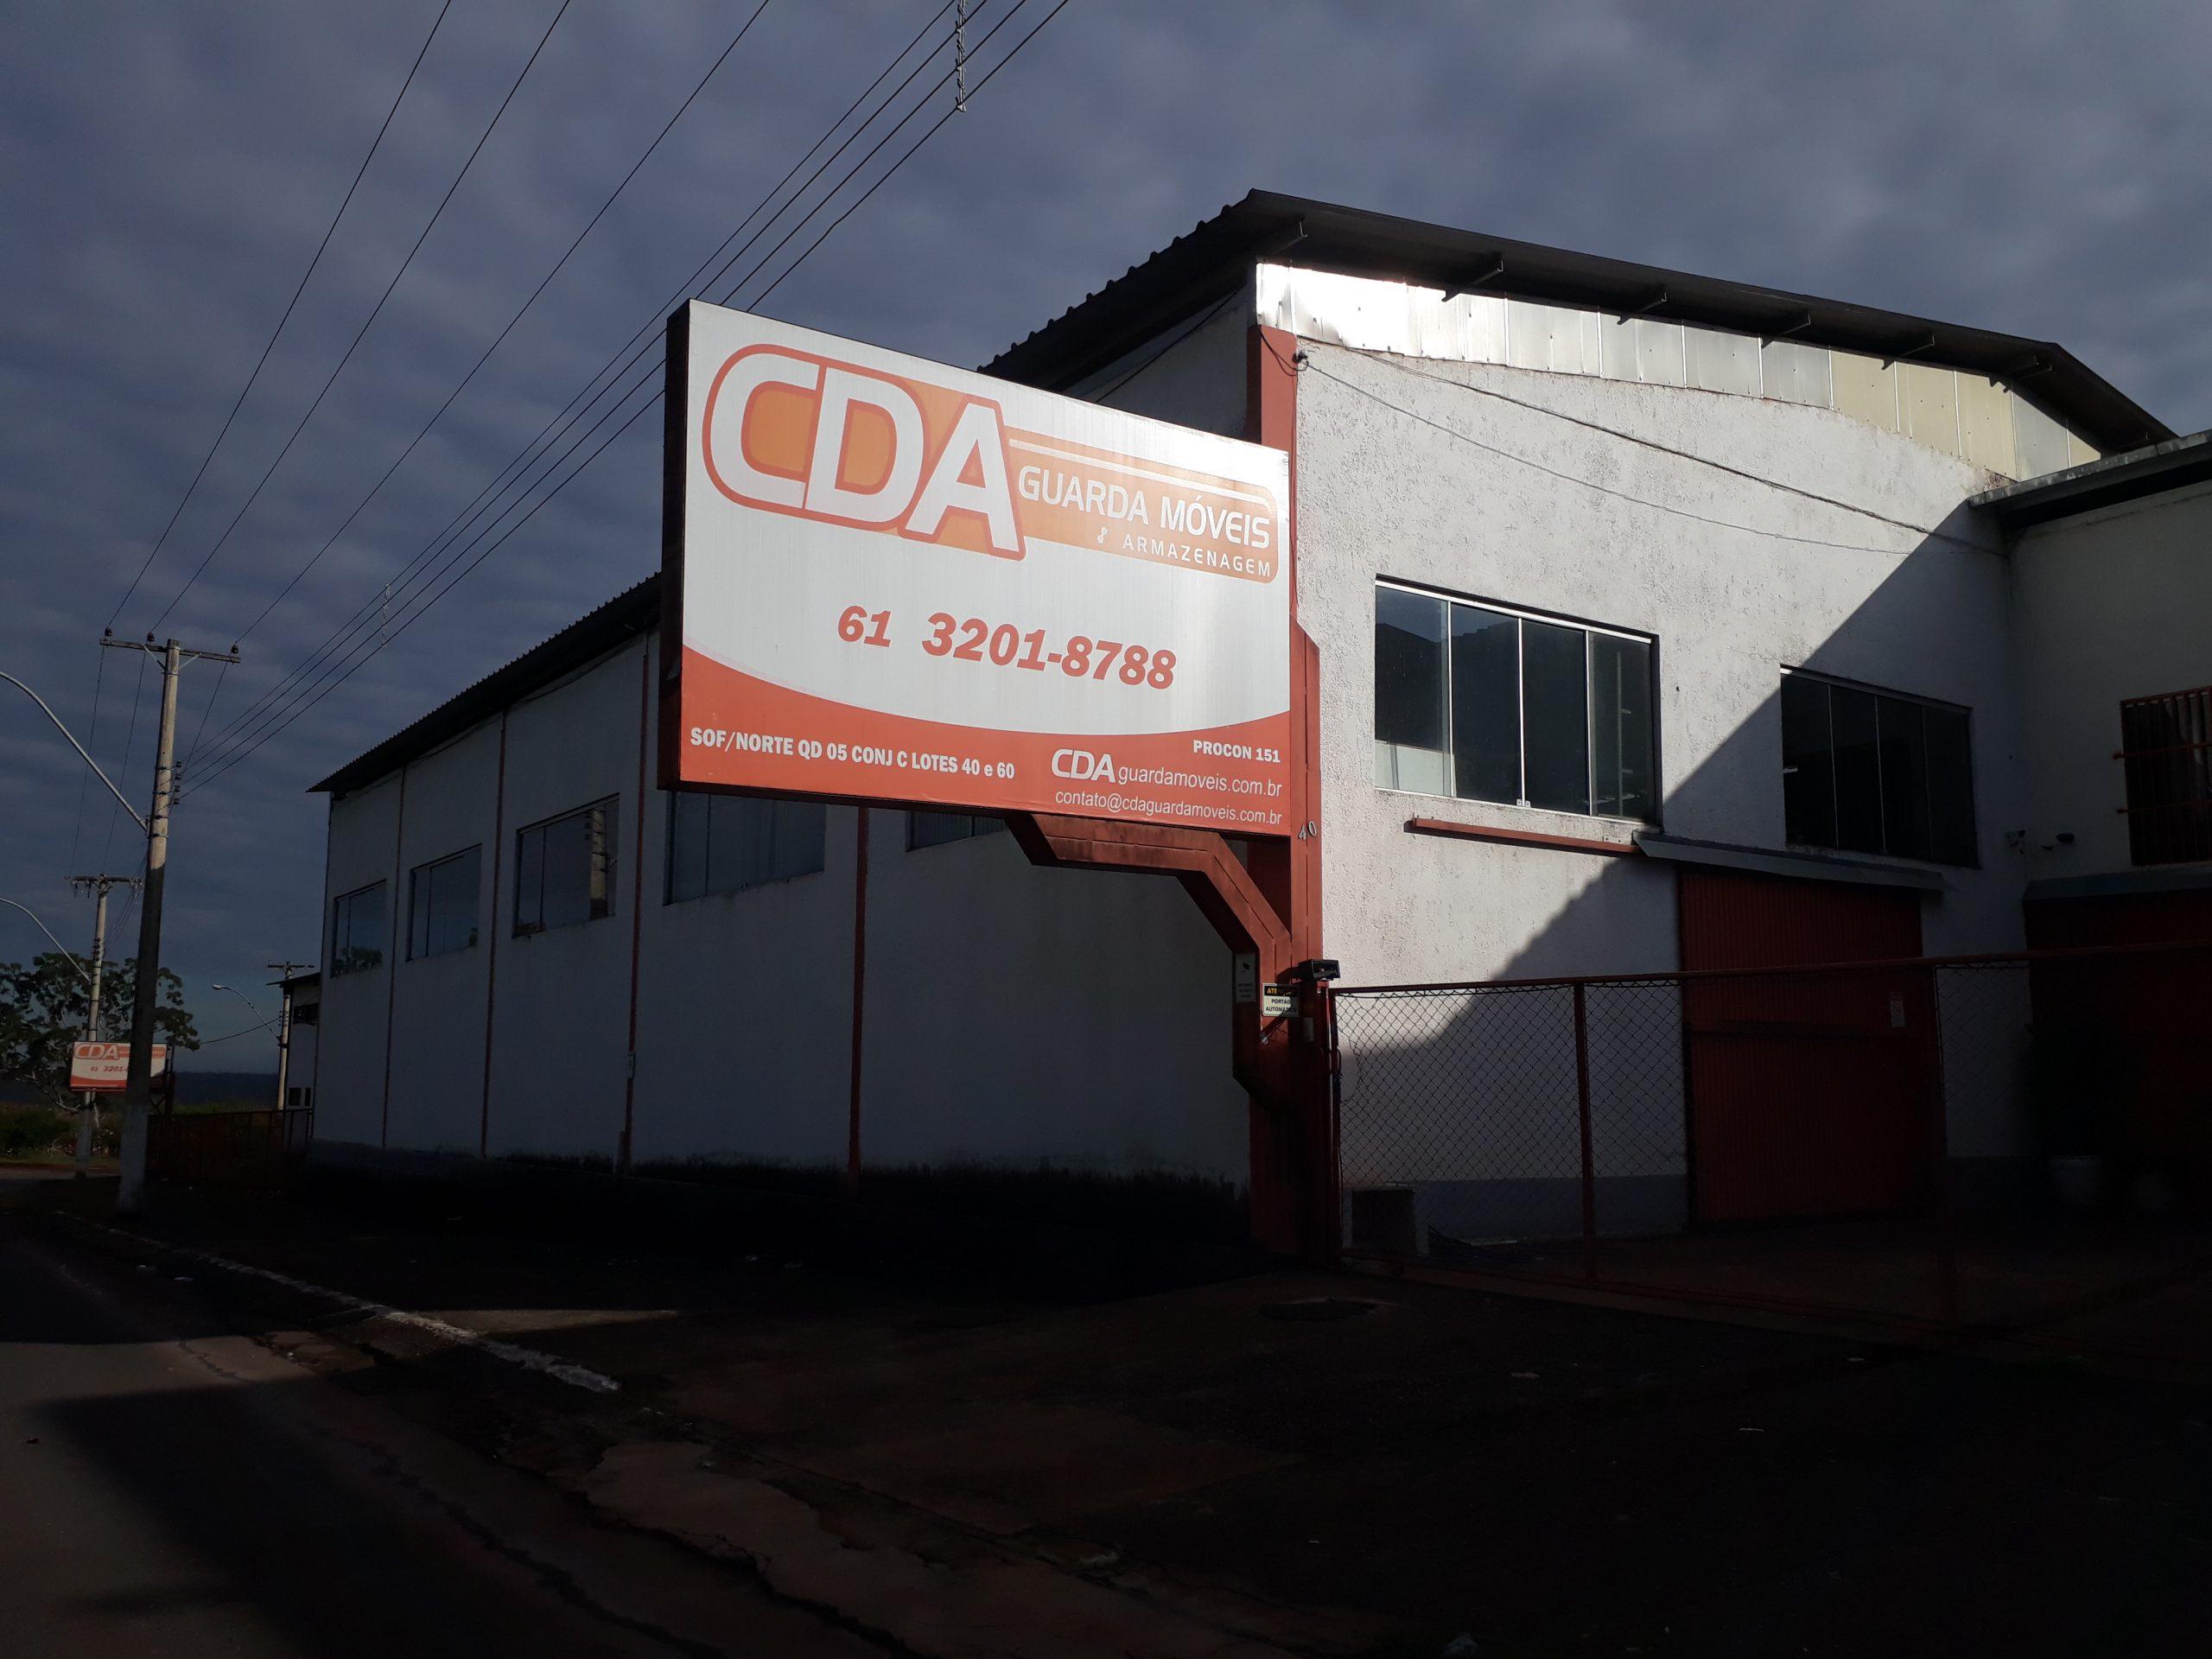 Photo of CDA Guarda Móveis, SOF NORTE